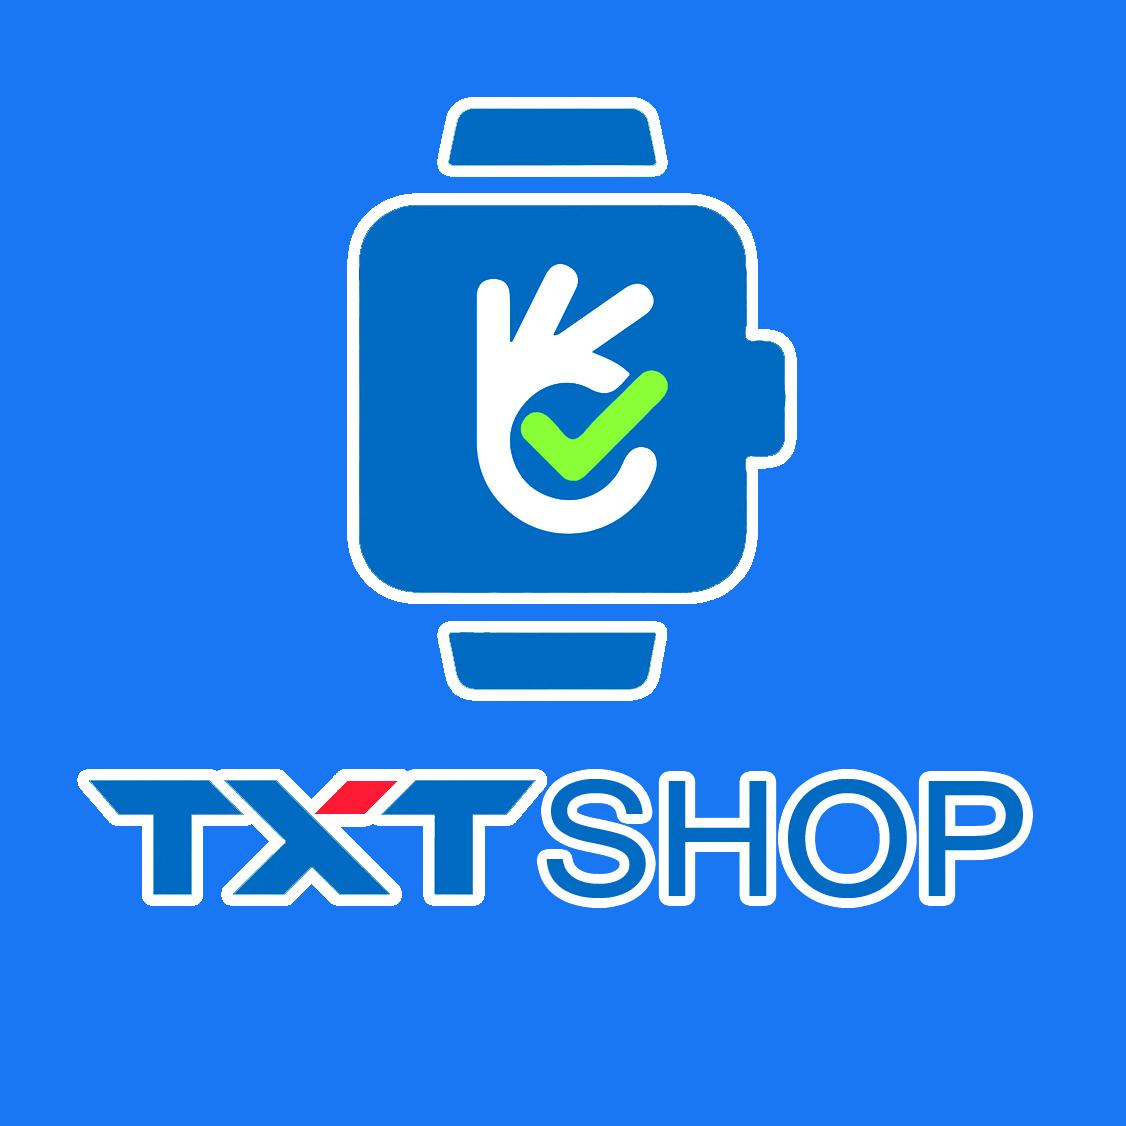 TXTshop